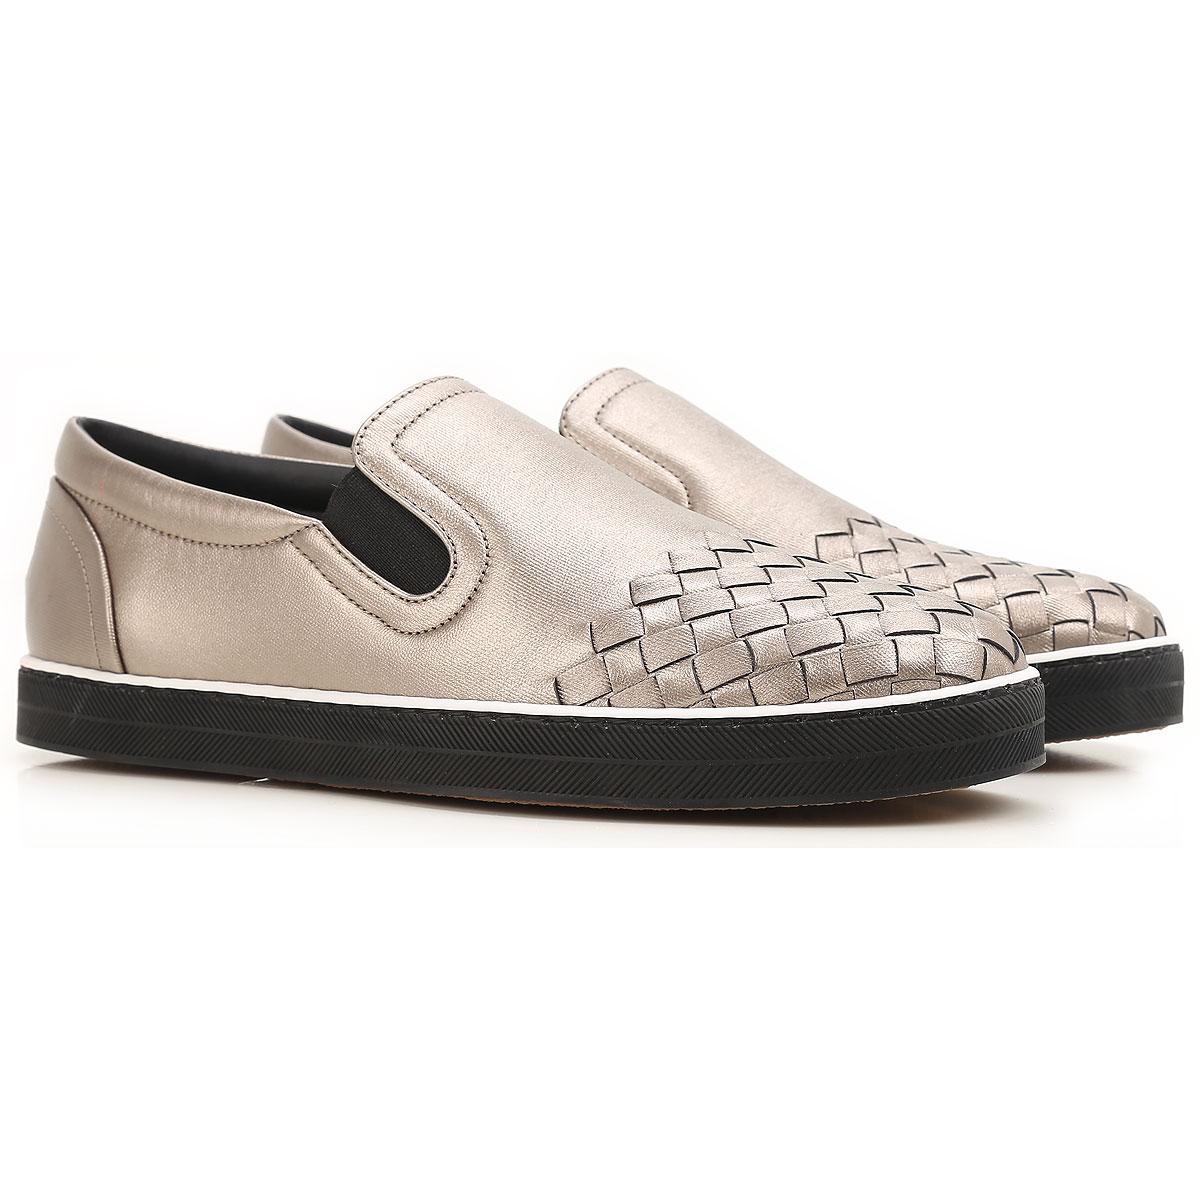 Image of Bottega Veneta Slip on Sneakers for Women On Sale, Ruthenium, Leather, 2017, 10 6.5 7 8.5